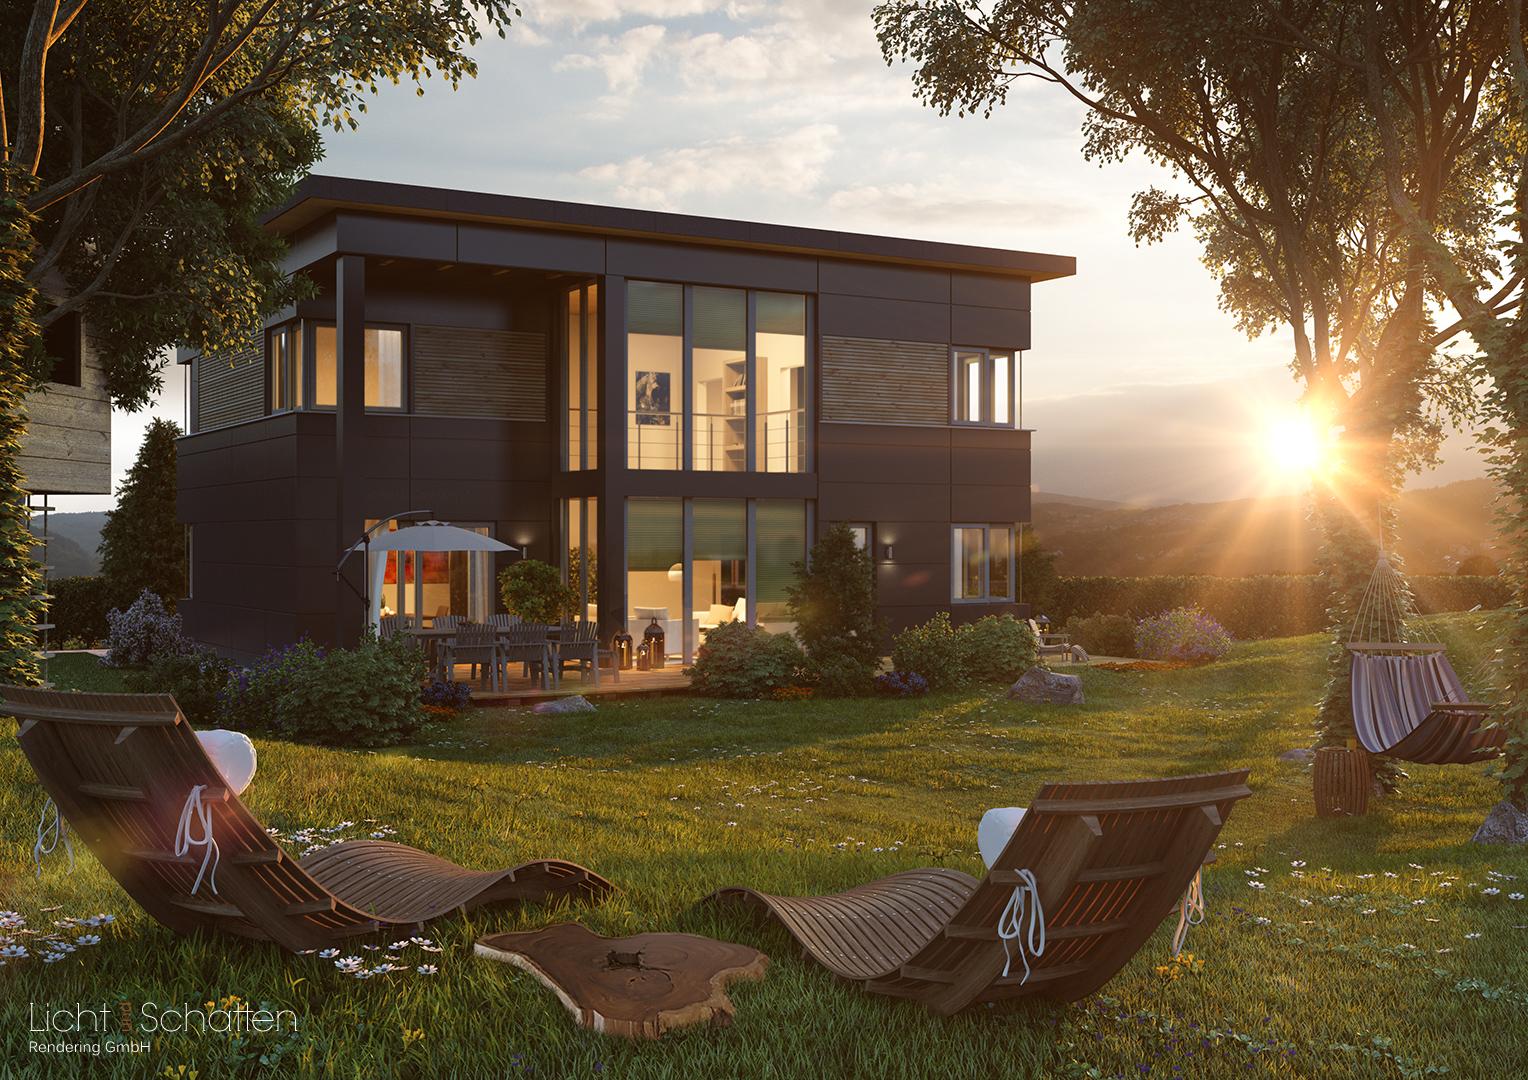 Licht und Schatten Rendering GmbH | Architekturvisualisierung